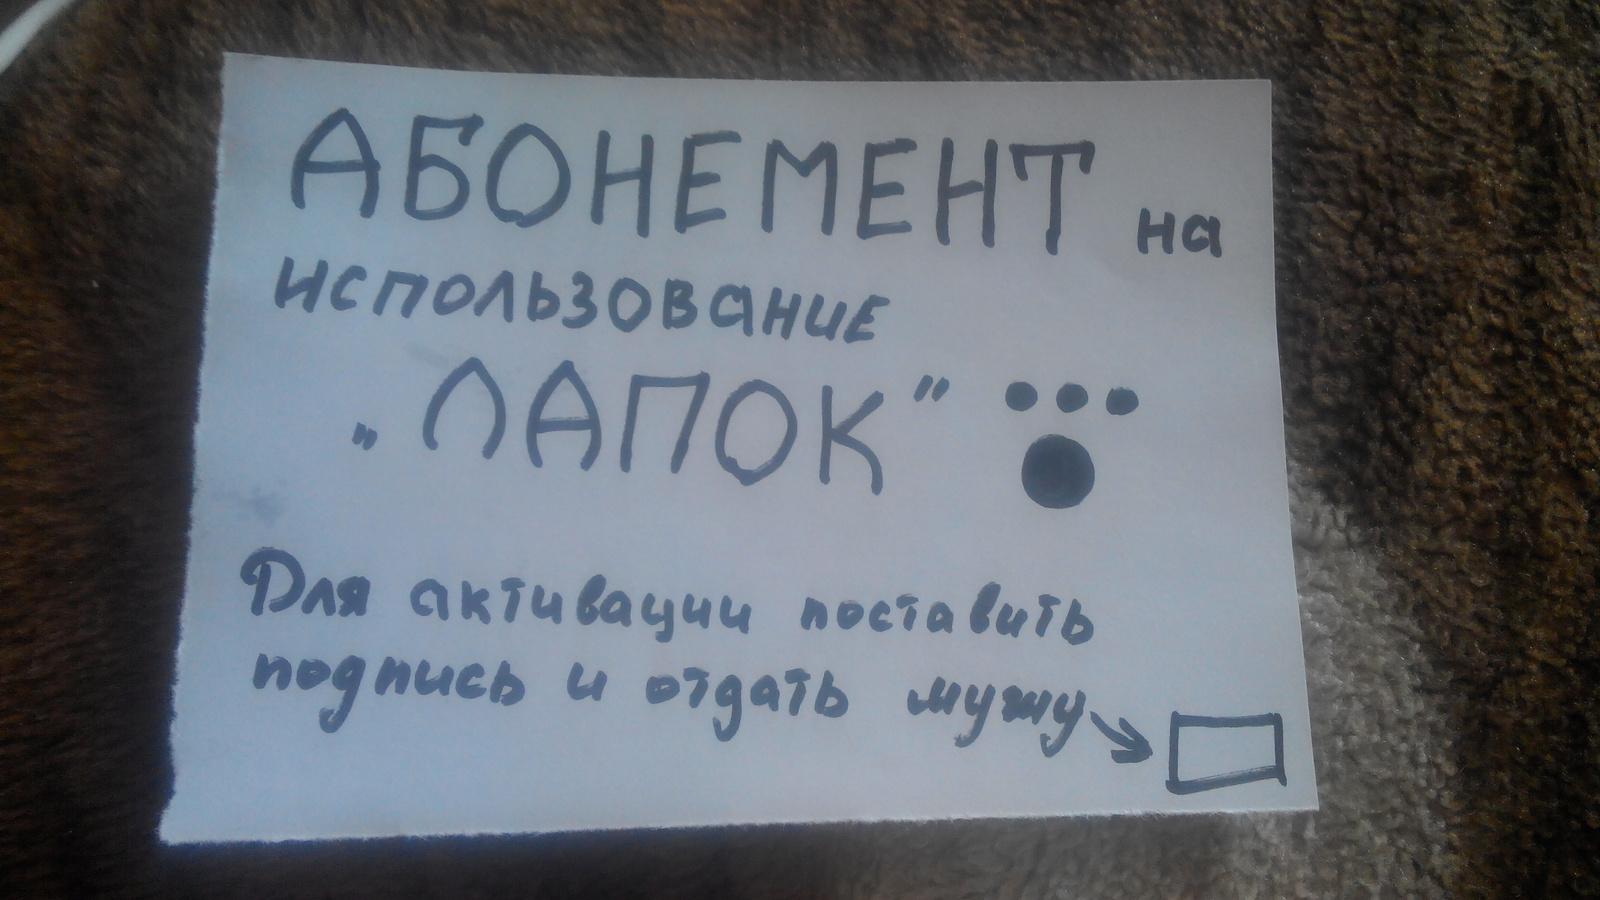 Вот такой подарок)